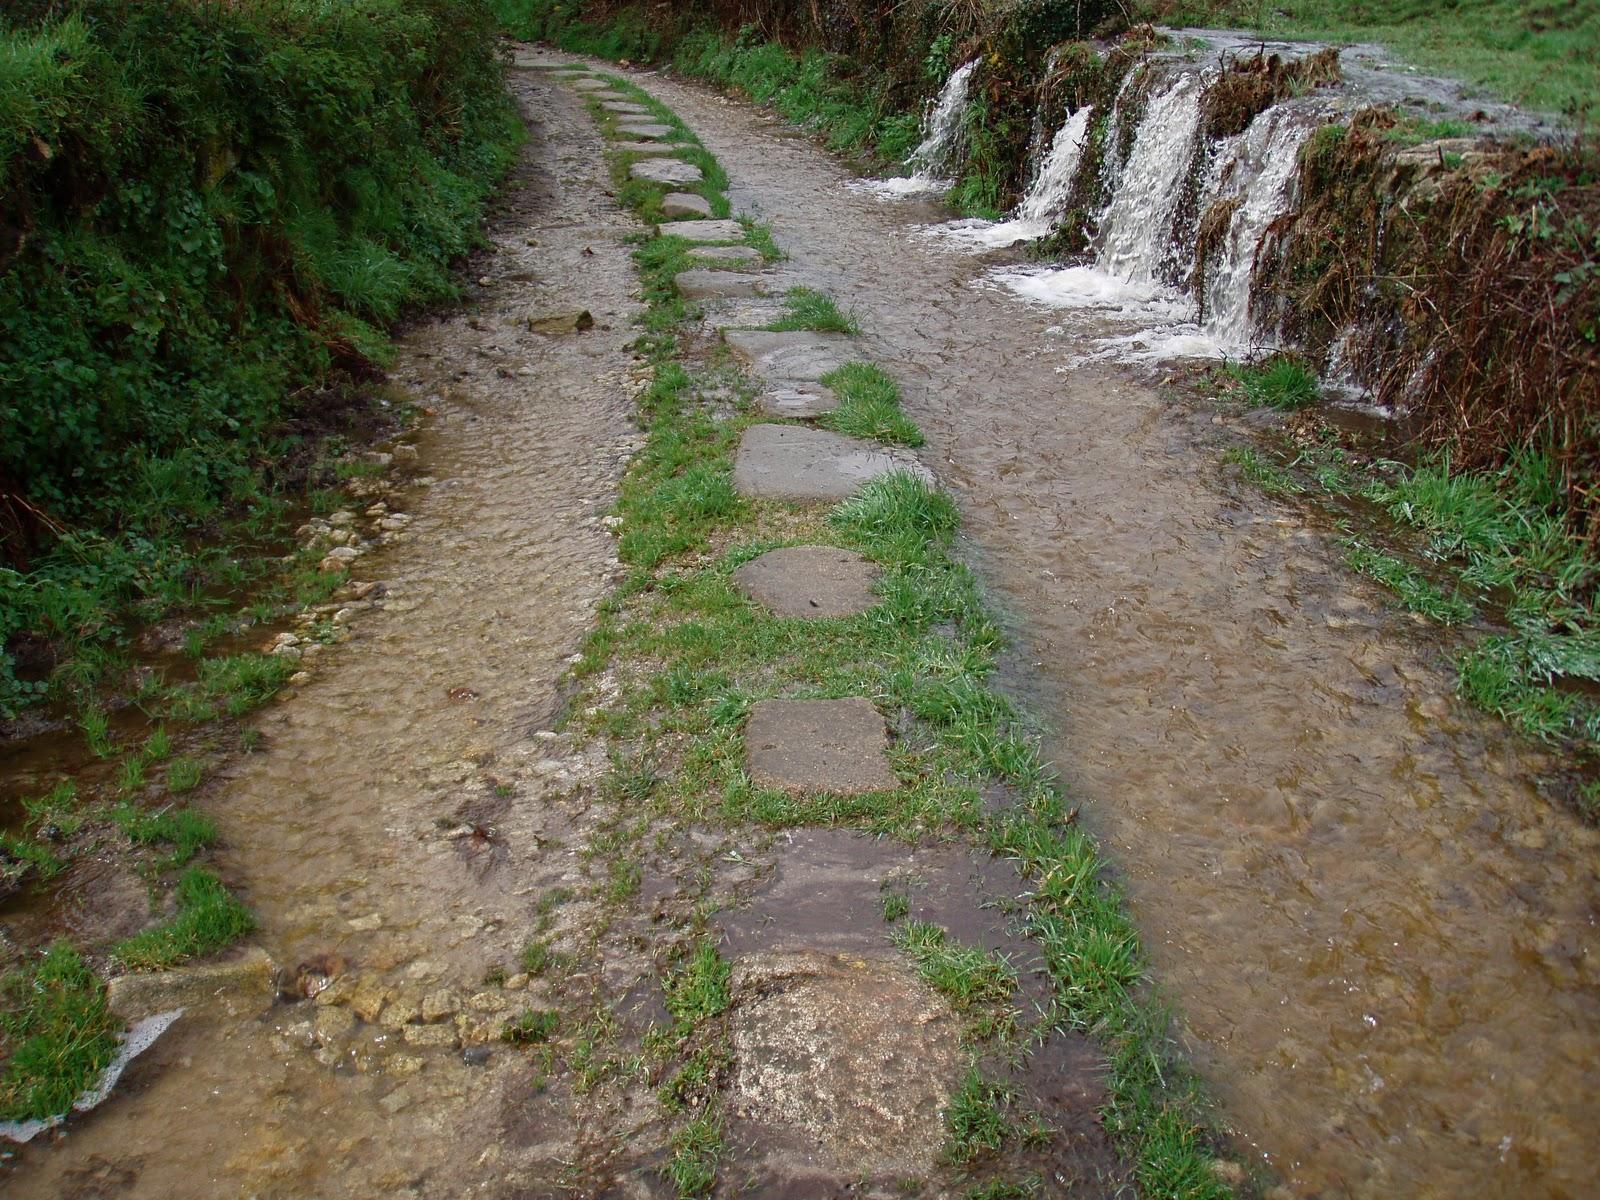 El camino de santiago desde asturias caminos de piedra for Caminos de piedra en jardines